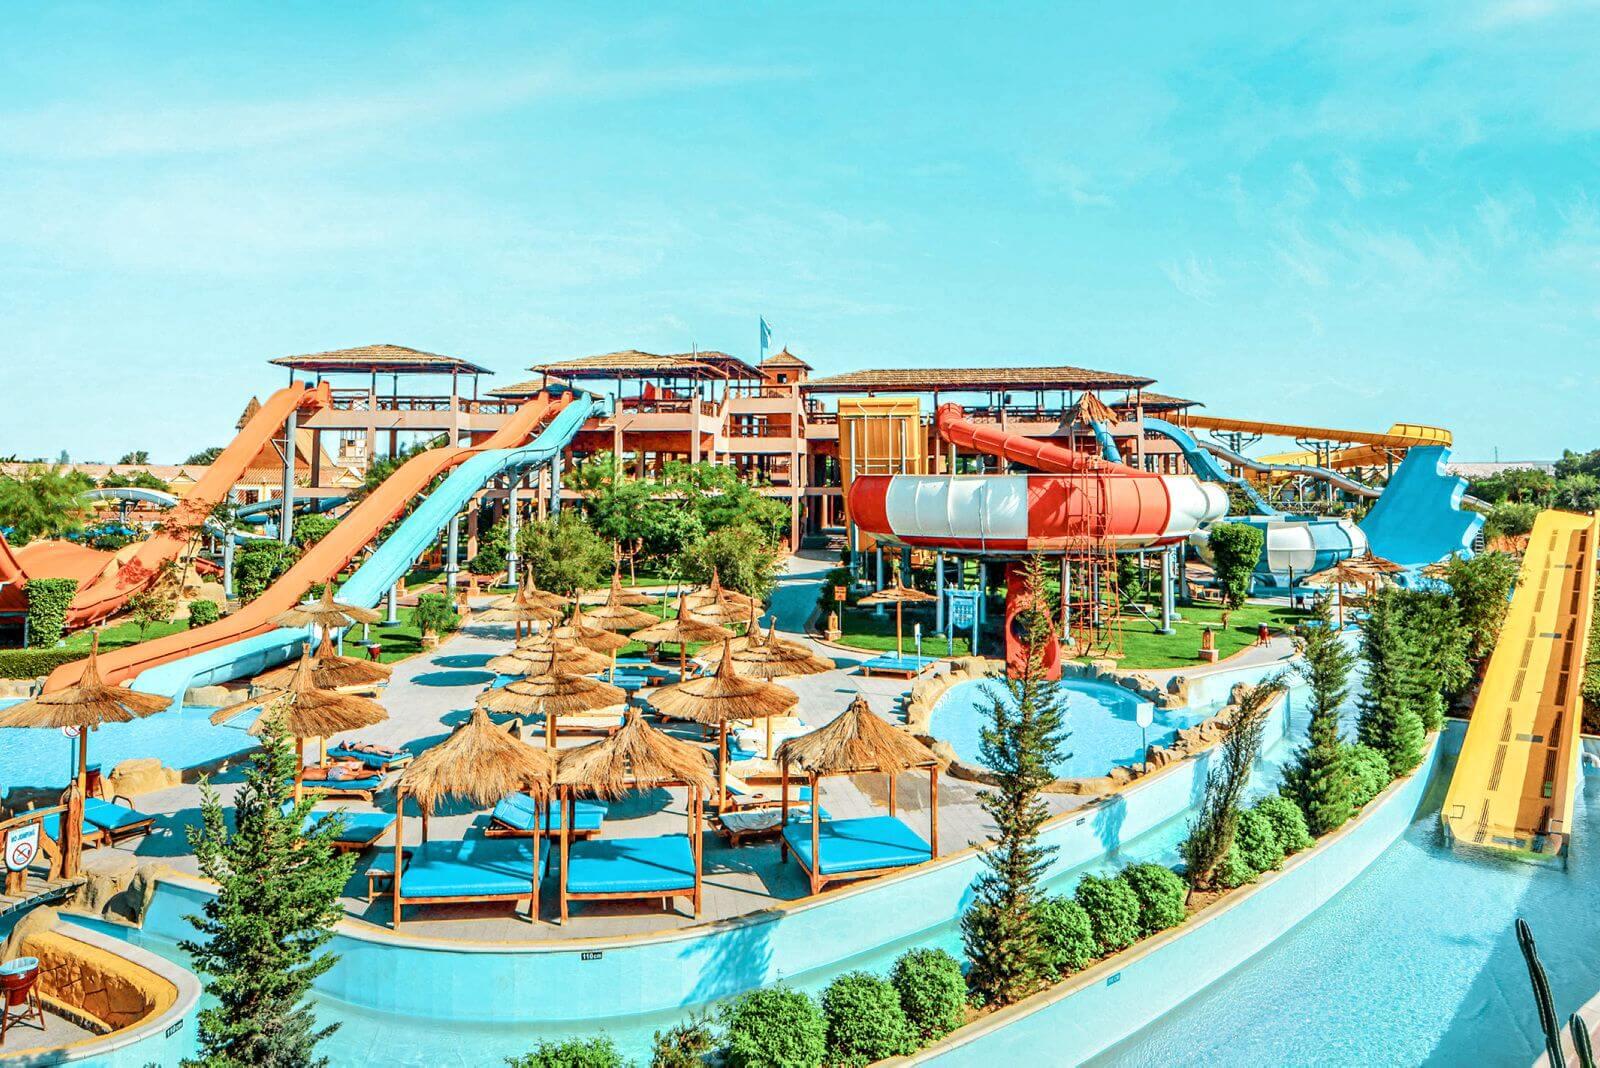 De beste hotels in Tunesië voor gezinnen met kinderen met een all-inclusive waterpark